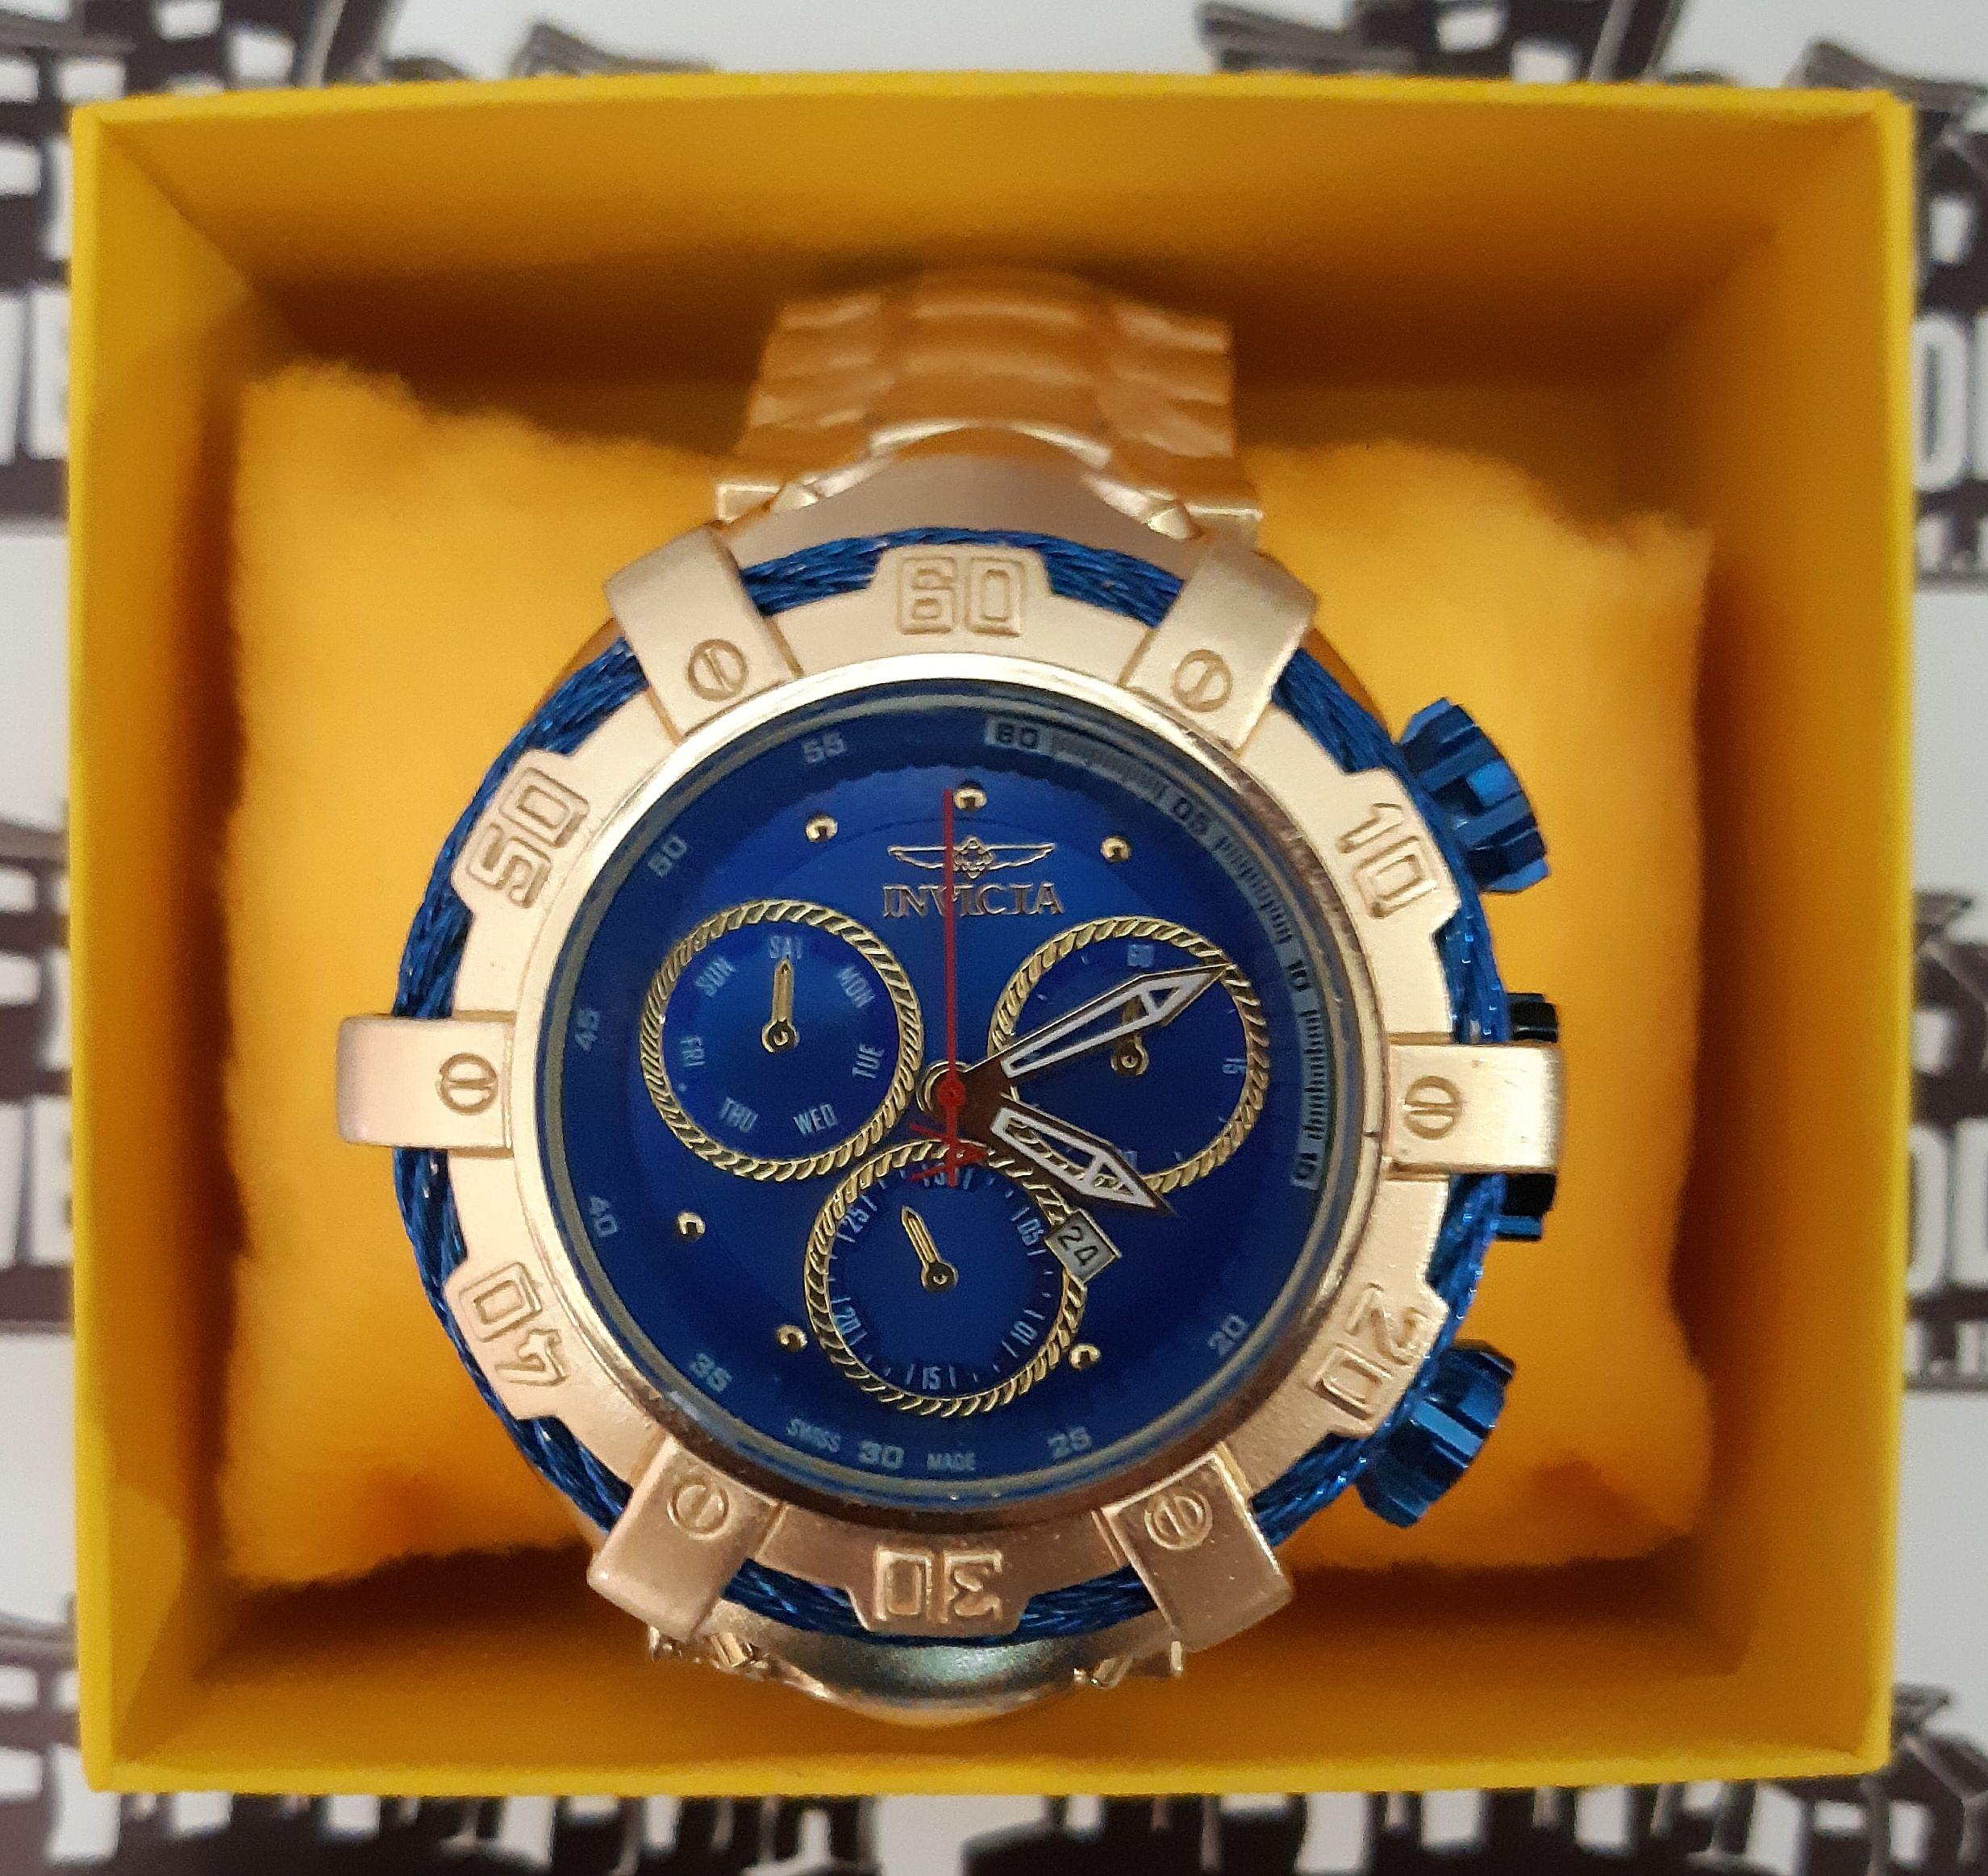 d241d7e0486 Relógio Invicta Bolt Zeus - Dourado   Preto   Azul